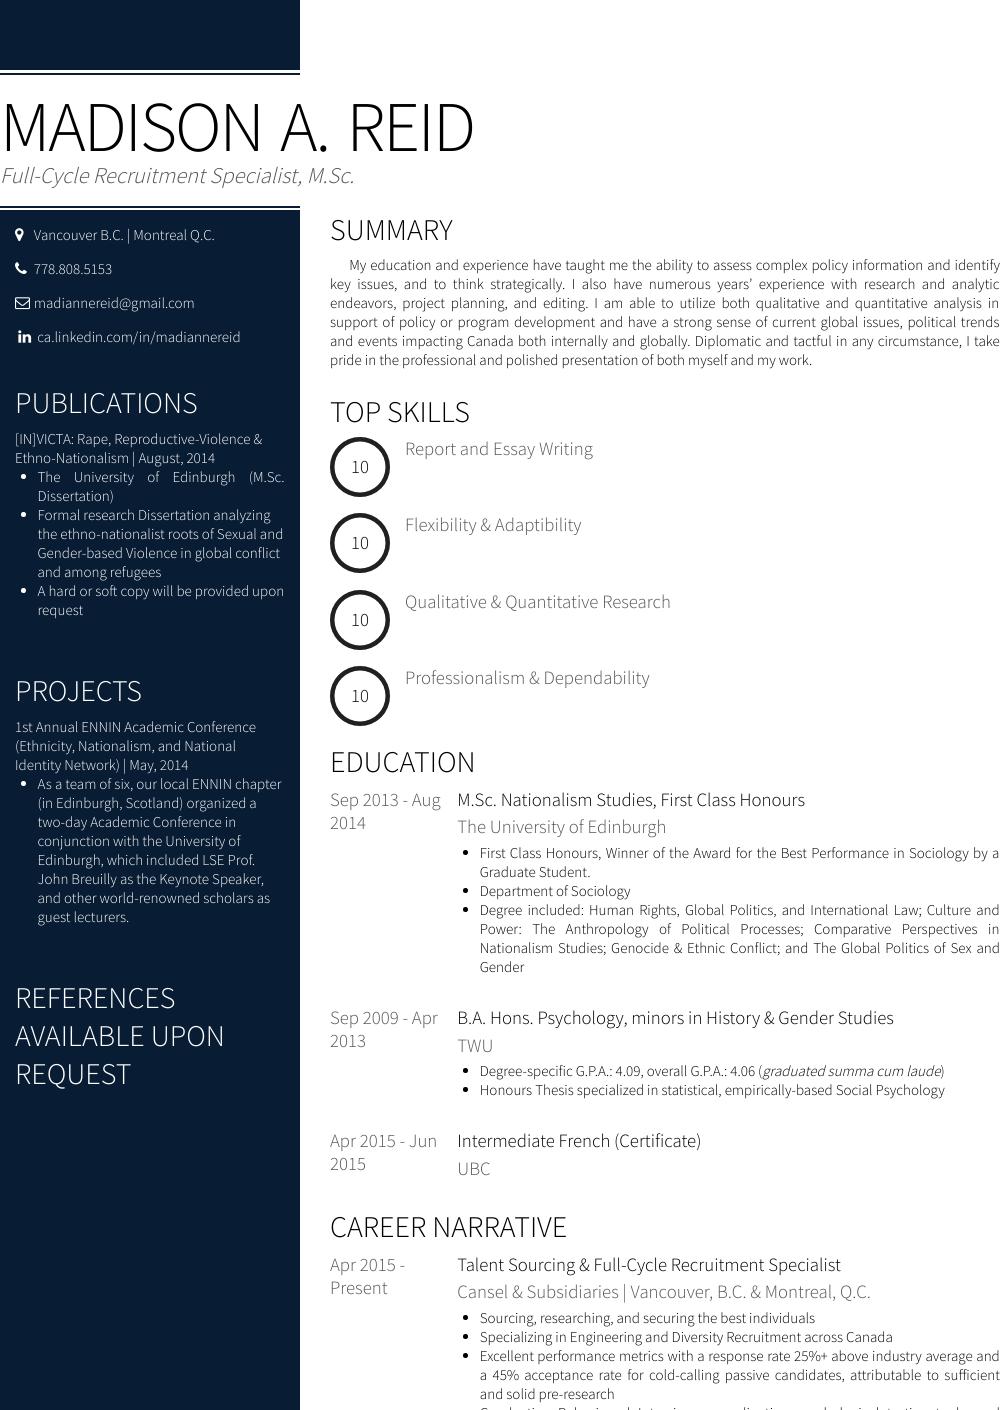 Recruitment Specialist Resume Samples Amp Templates VisualCV